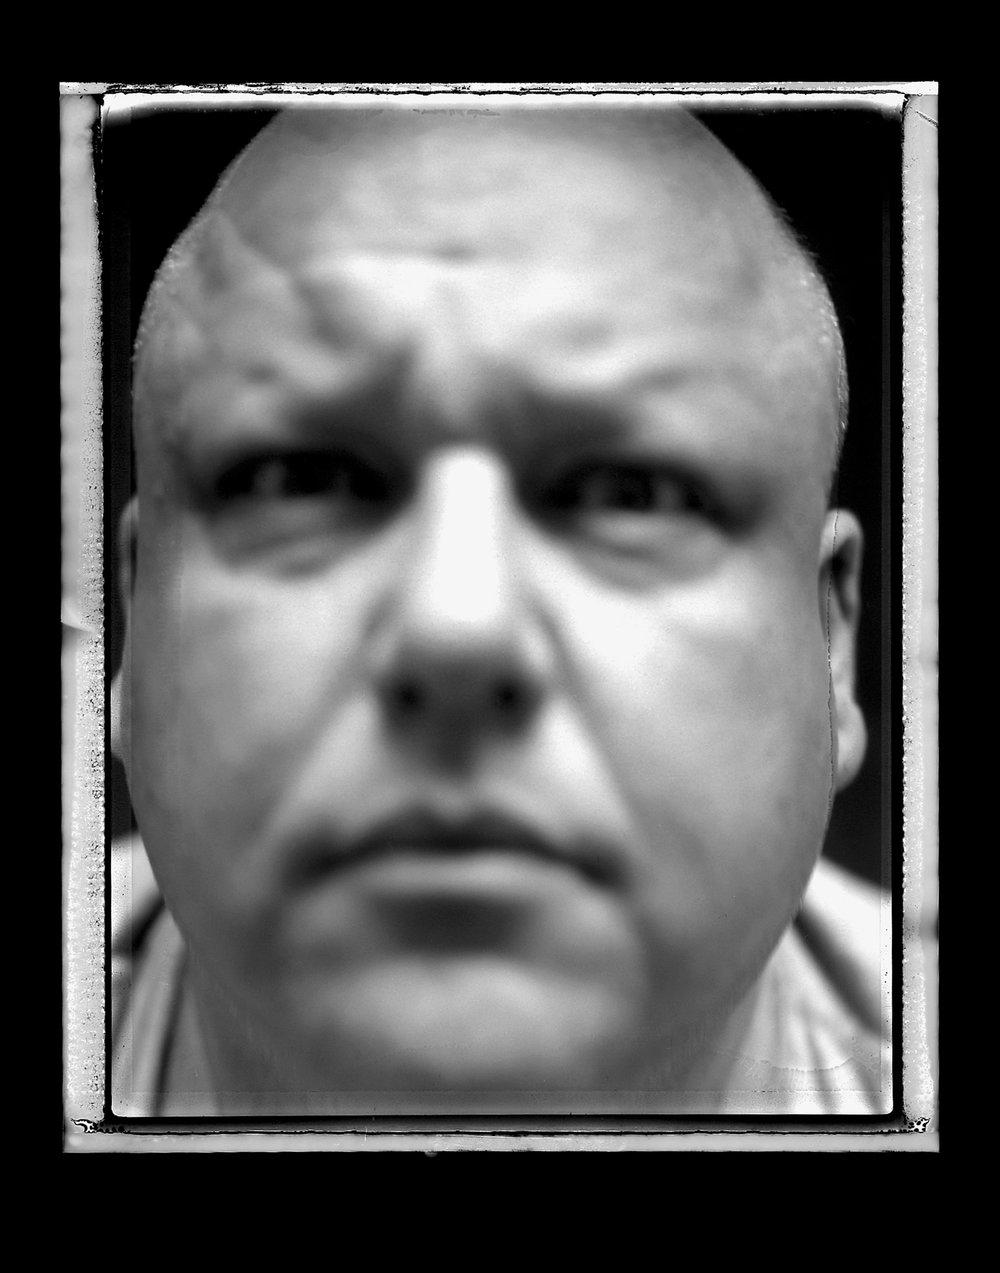 frankblackFace26MB.jpg